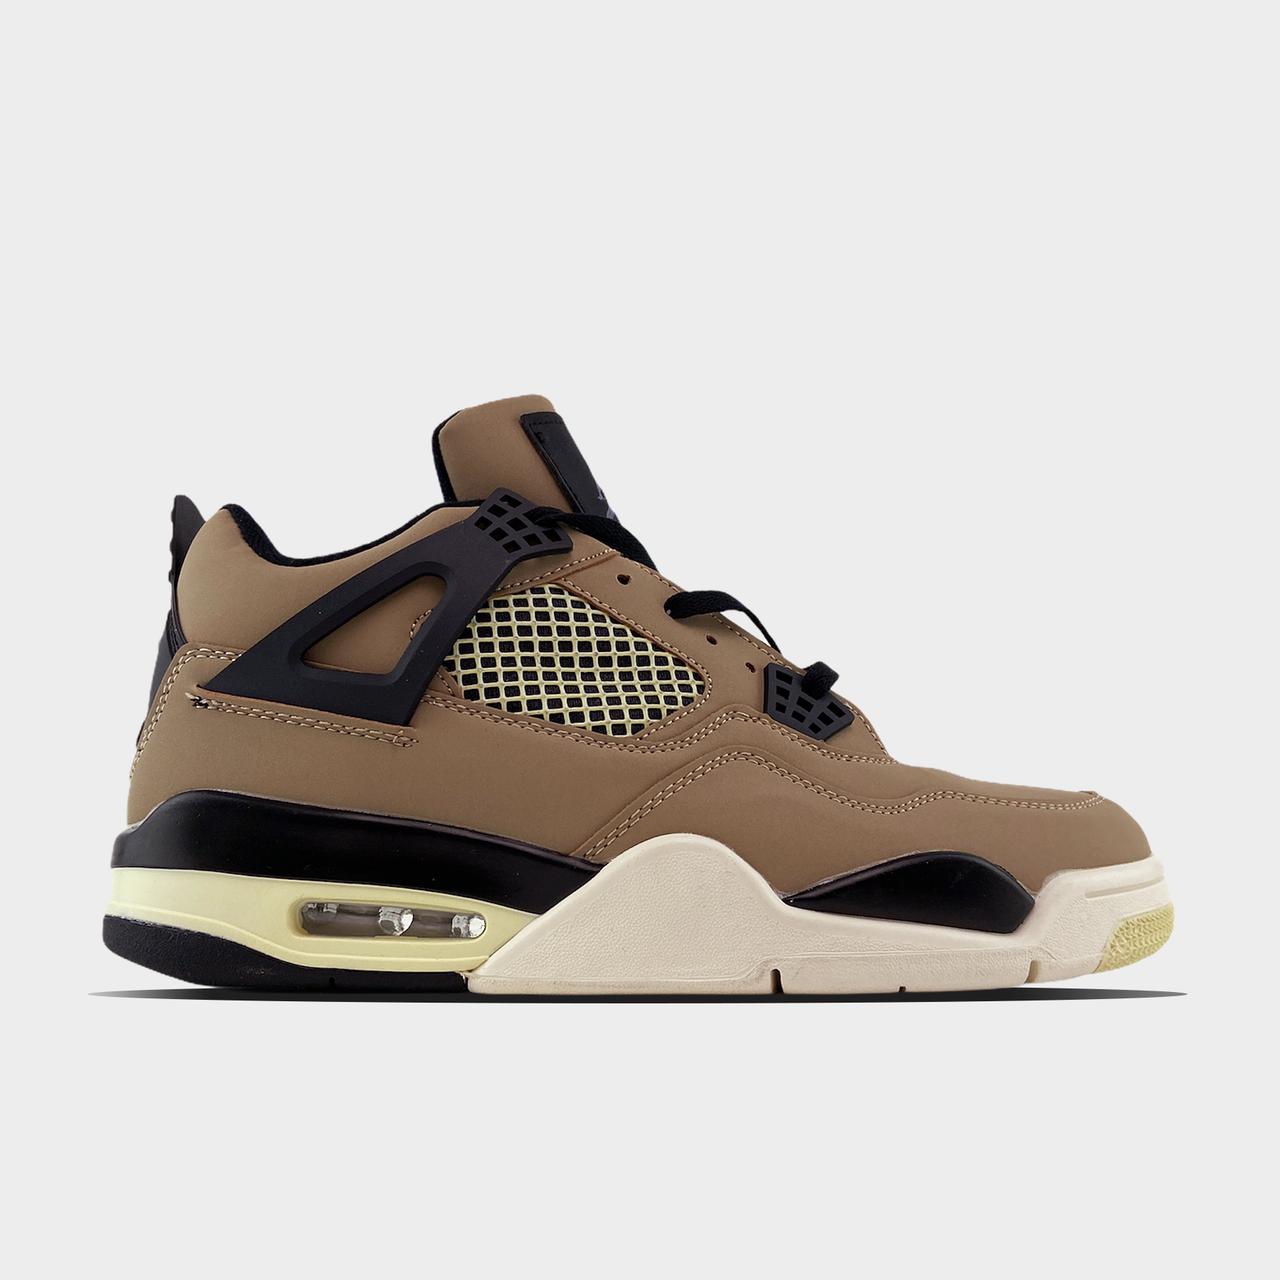 Nk, крос, обувь, взуття, sneakers, шузы, Air Jordan 4 Retro NRG Raptors (Коричневый)